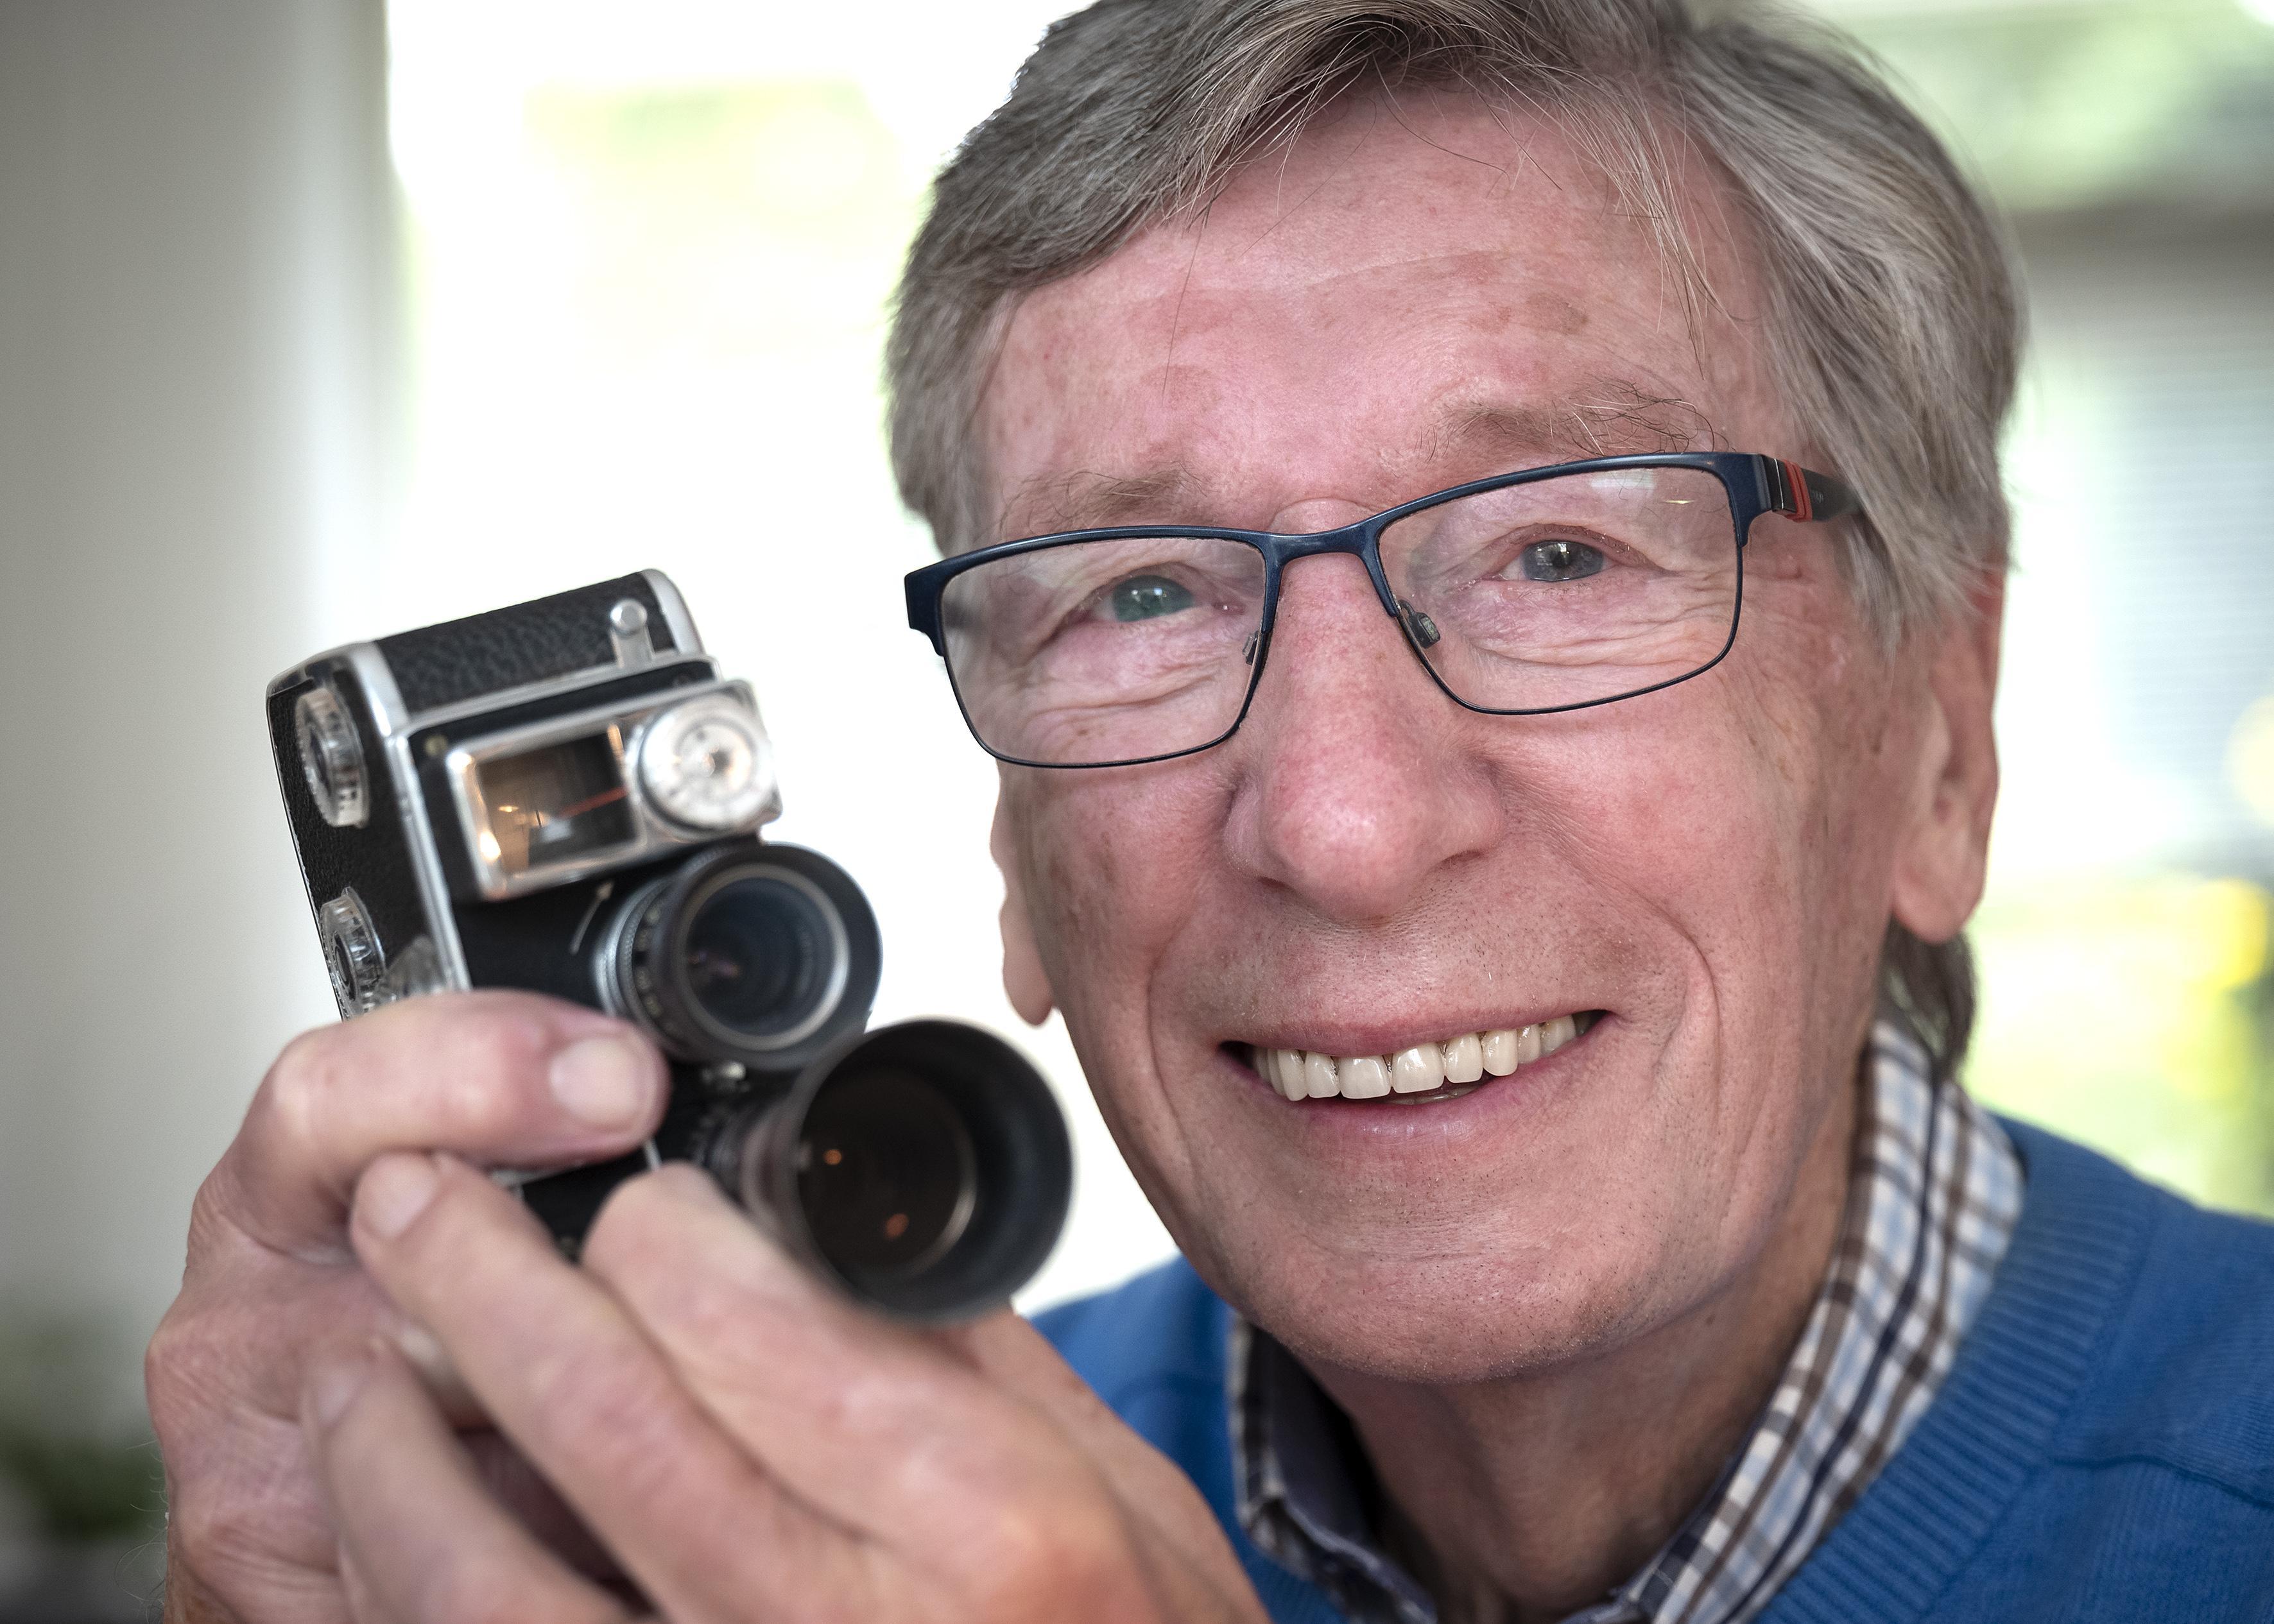 Project Haarlem op Film profiteert van erfenis Dick Boer. Zoon Tom: 'Mijn vader filmde echt bijna álles, terwijl wij soms gewoon ongestoord wilden spelen'